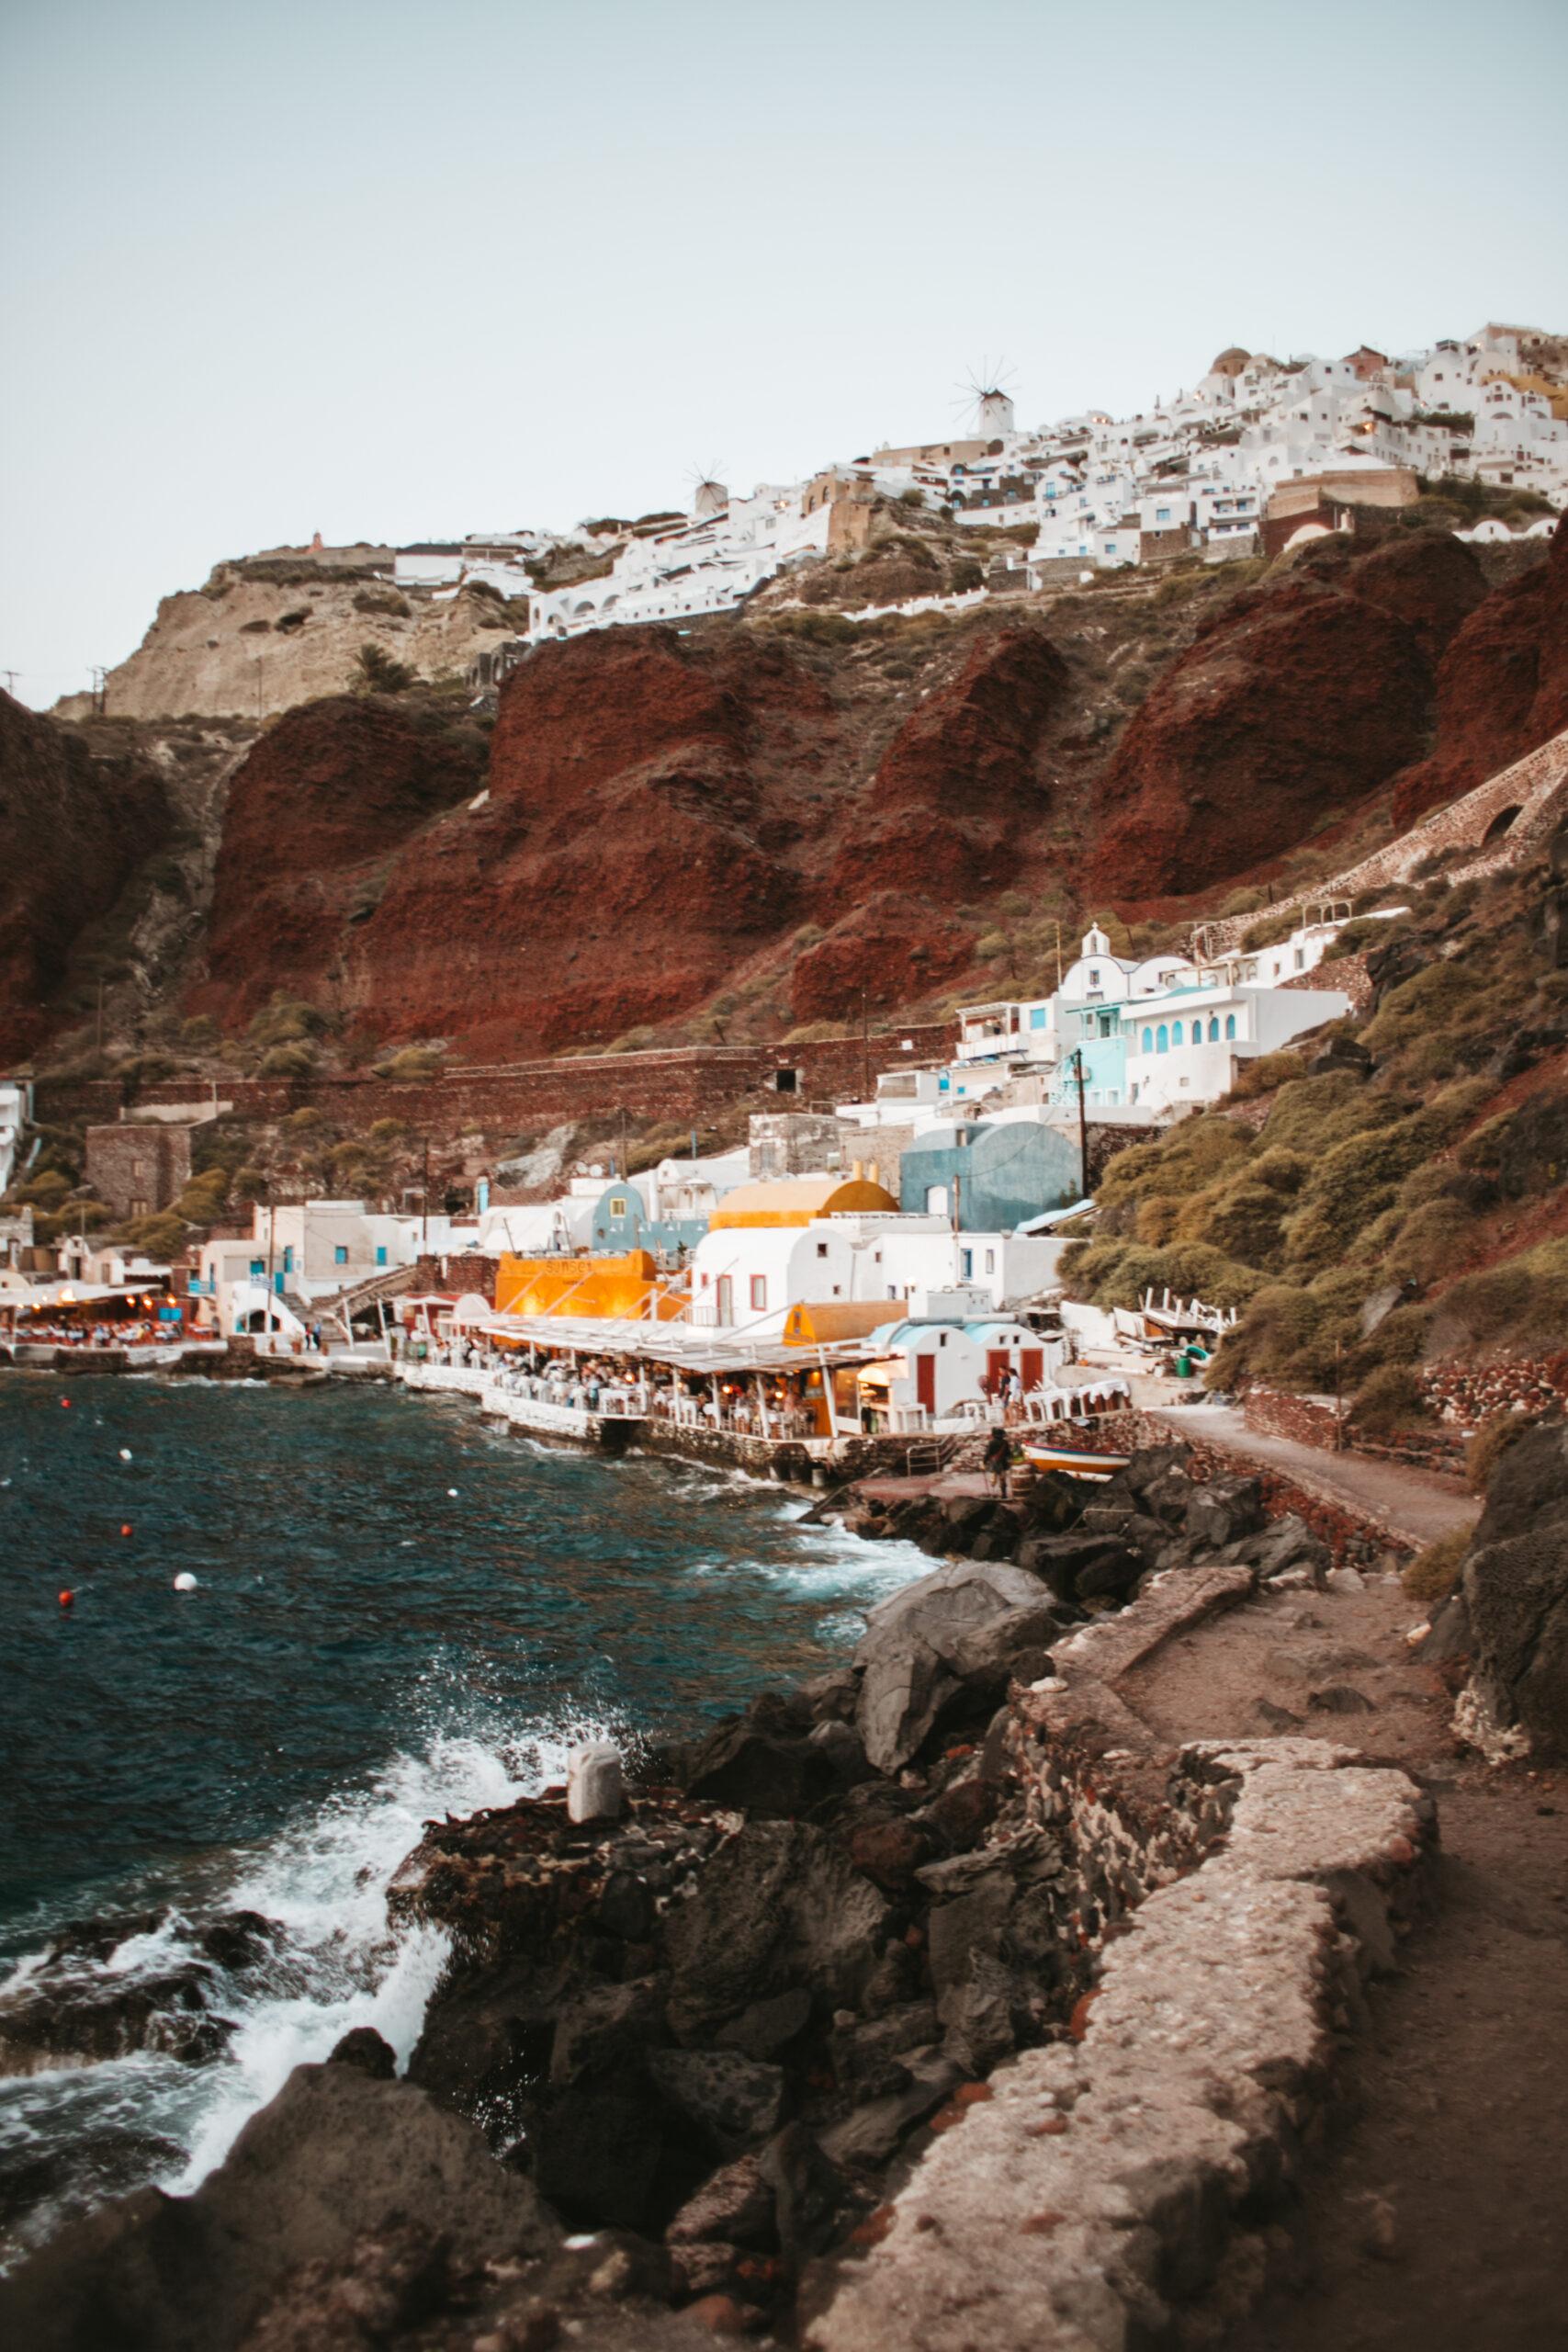 Oia Ammoudi Bay, Oia co zobaczyć, blog podróżniczy, białe domki na klifie, caldera